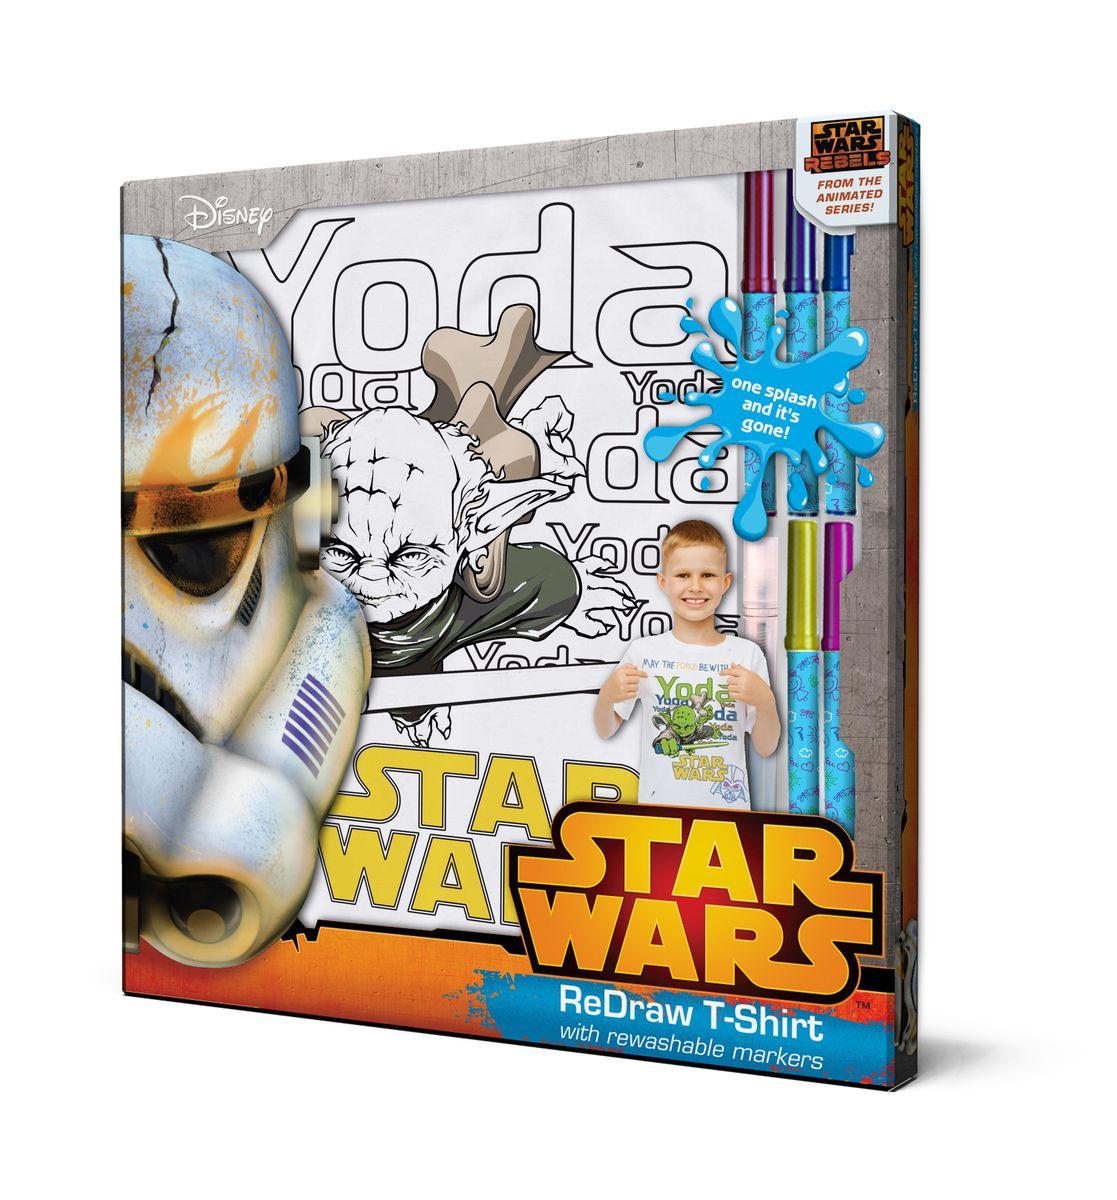 Star Wars Футболка с фломастерами для раскрашивания возраст 6 лет/рост 116 см